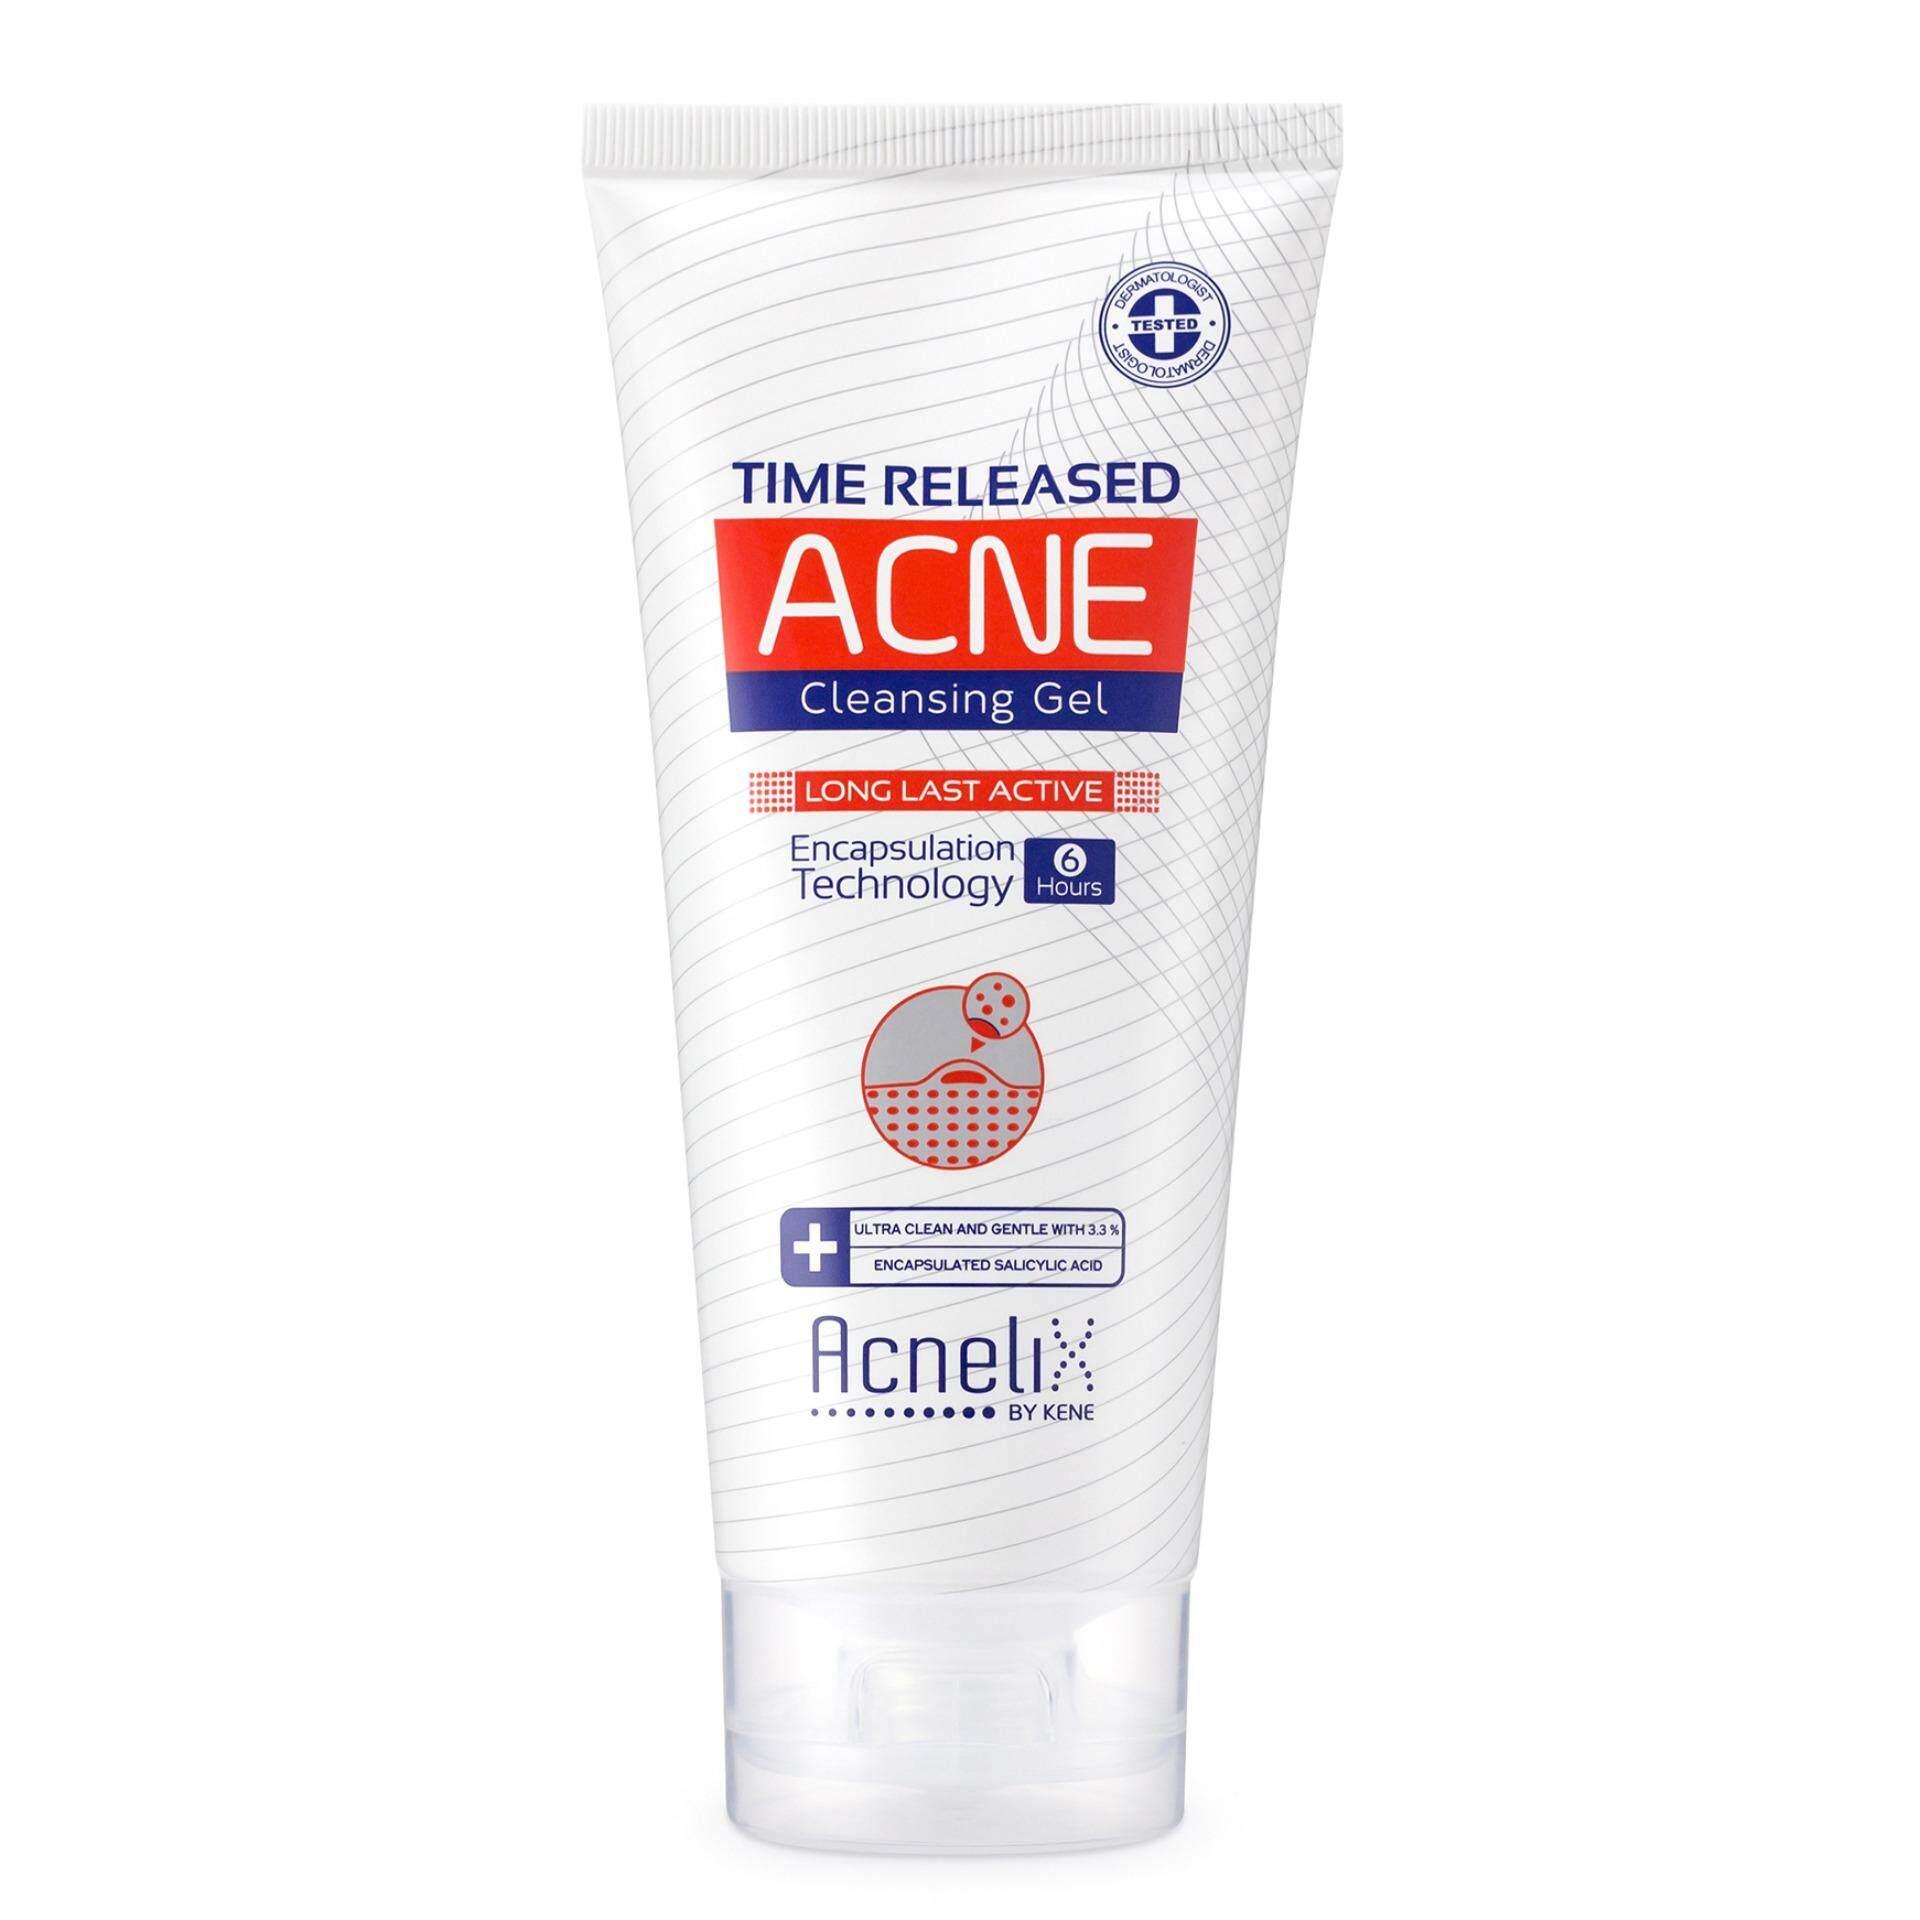 ราคา Acnelix Time Released Acne Cleansing Gel Kene Thailand